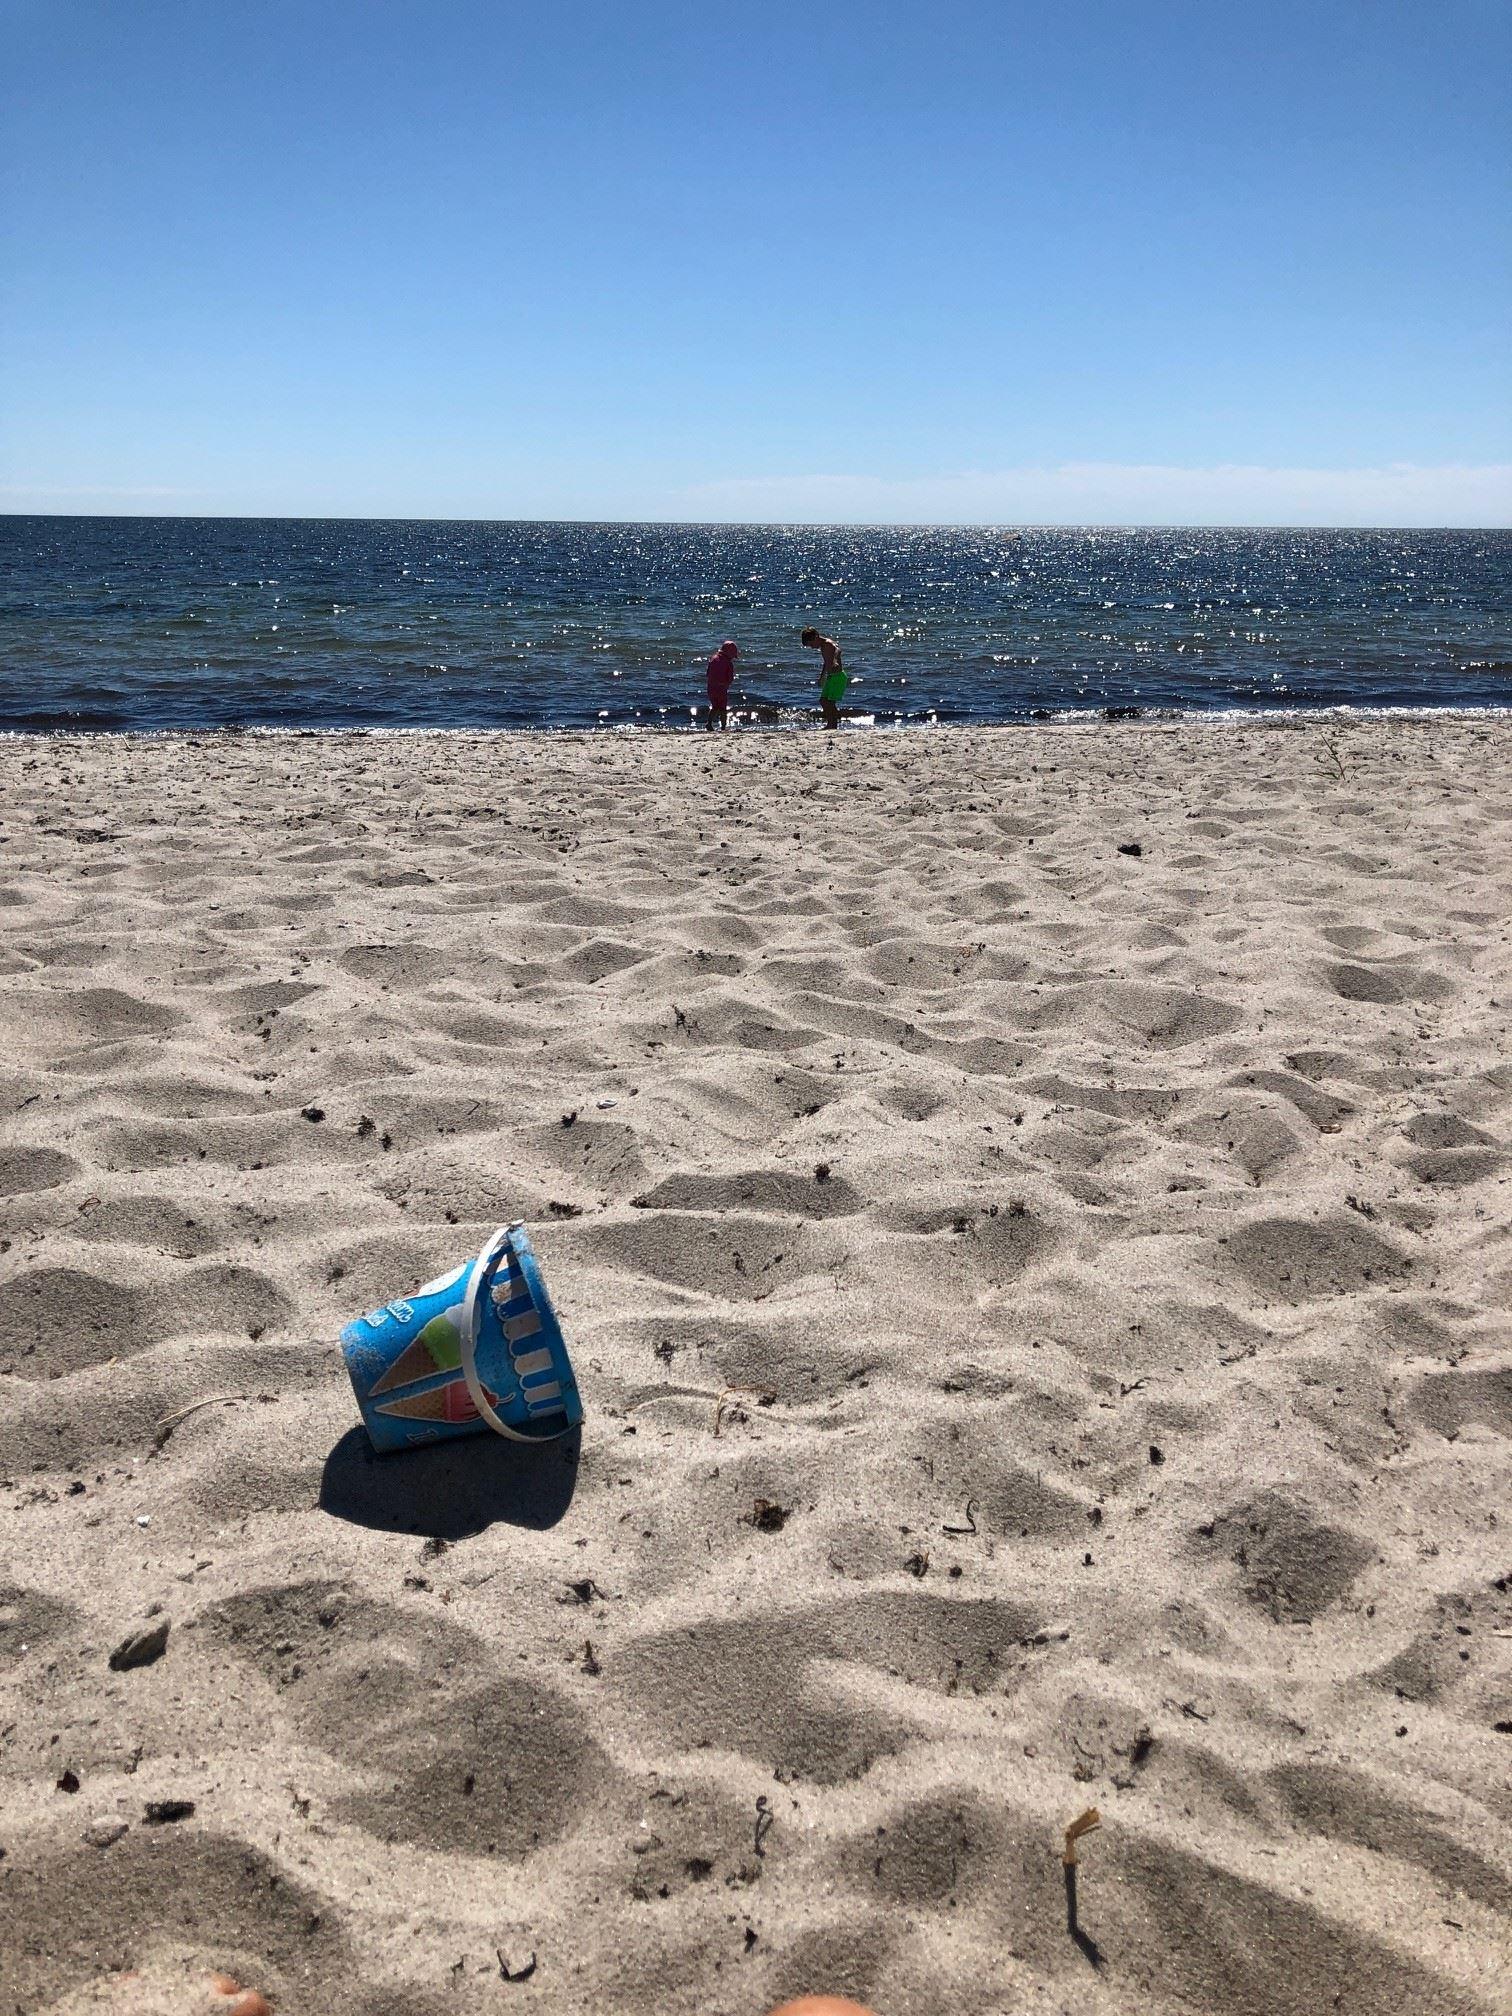 Östra stranden beach